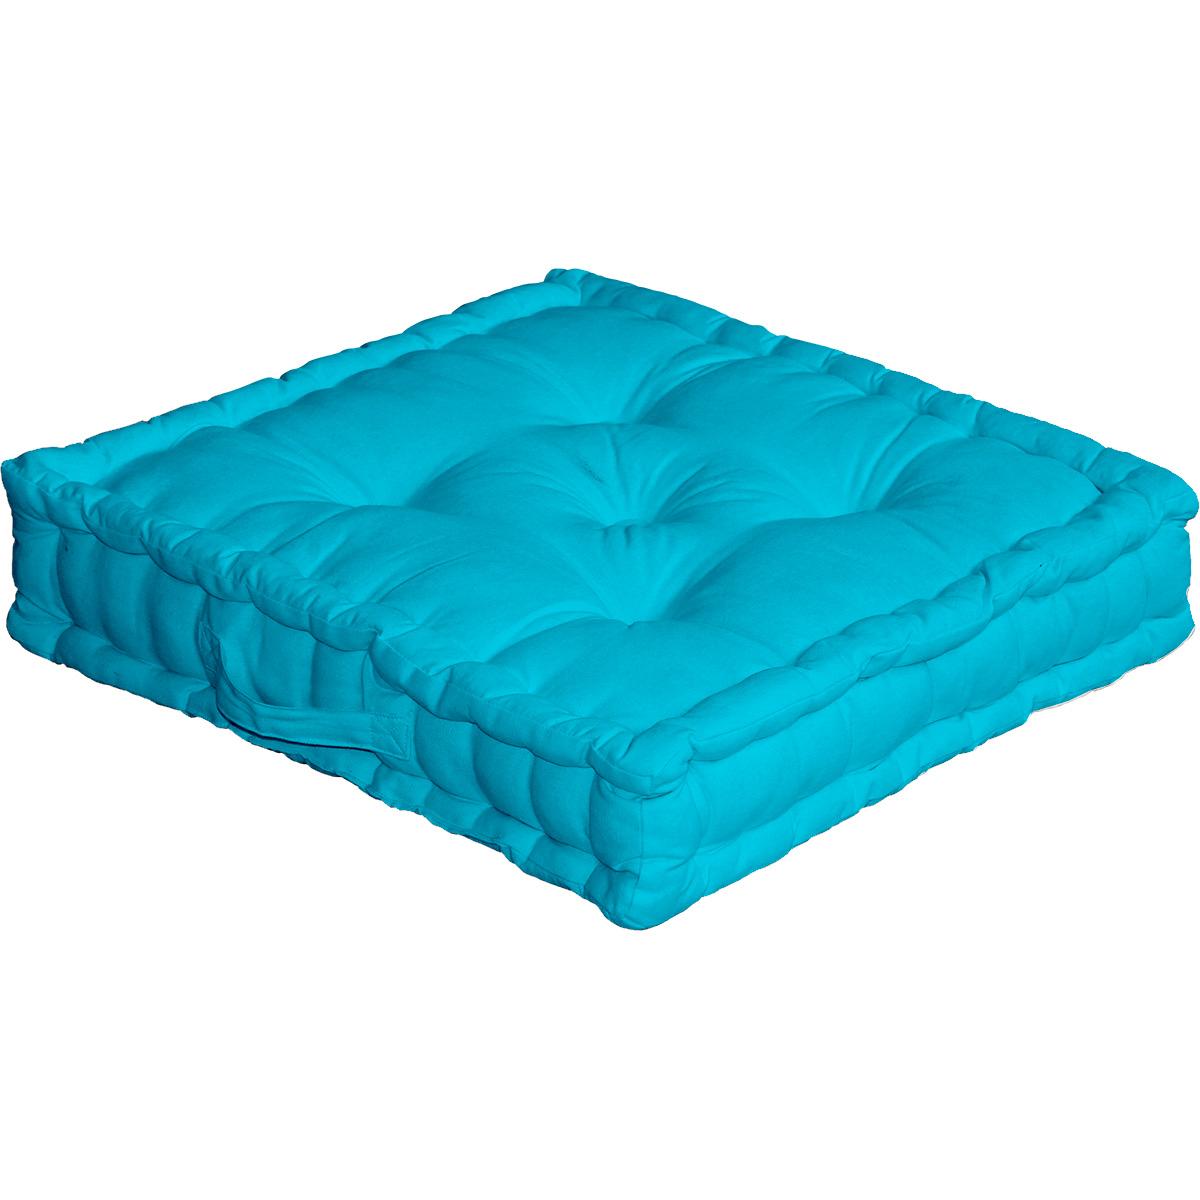 Coussin de sol uni en pur coton coton turquoise 50x50